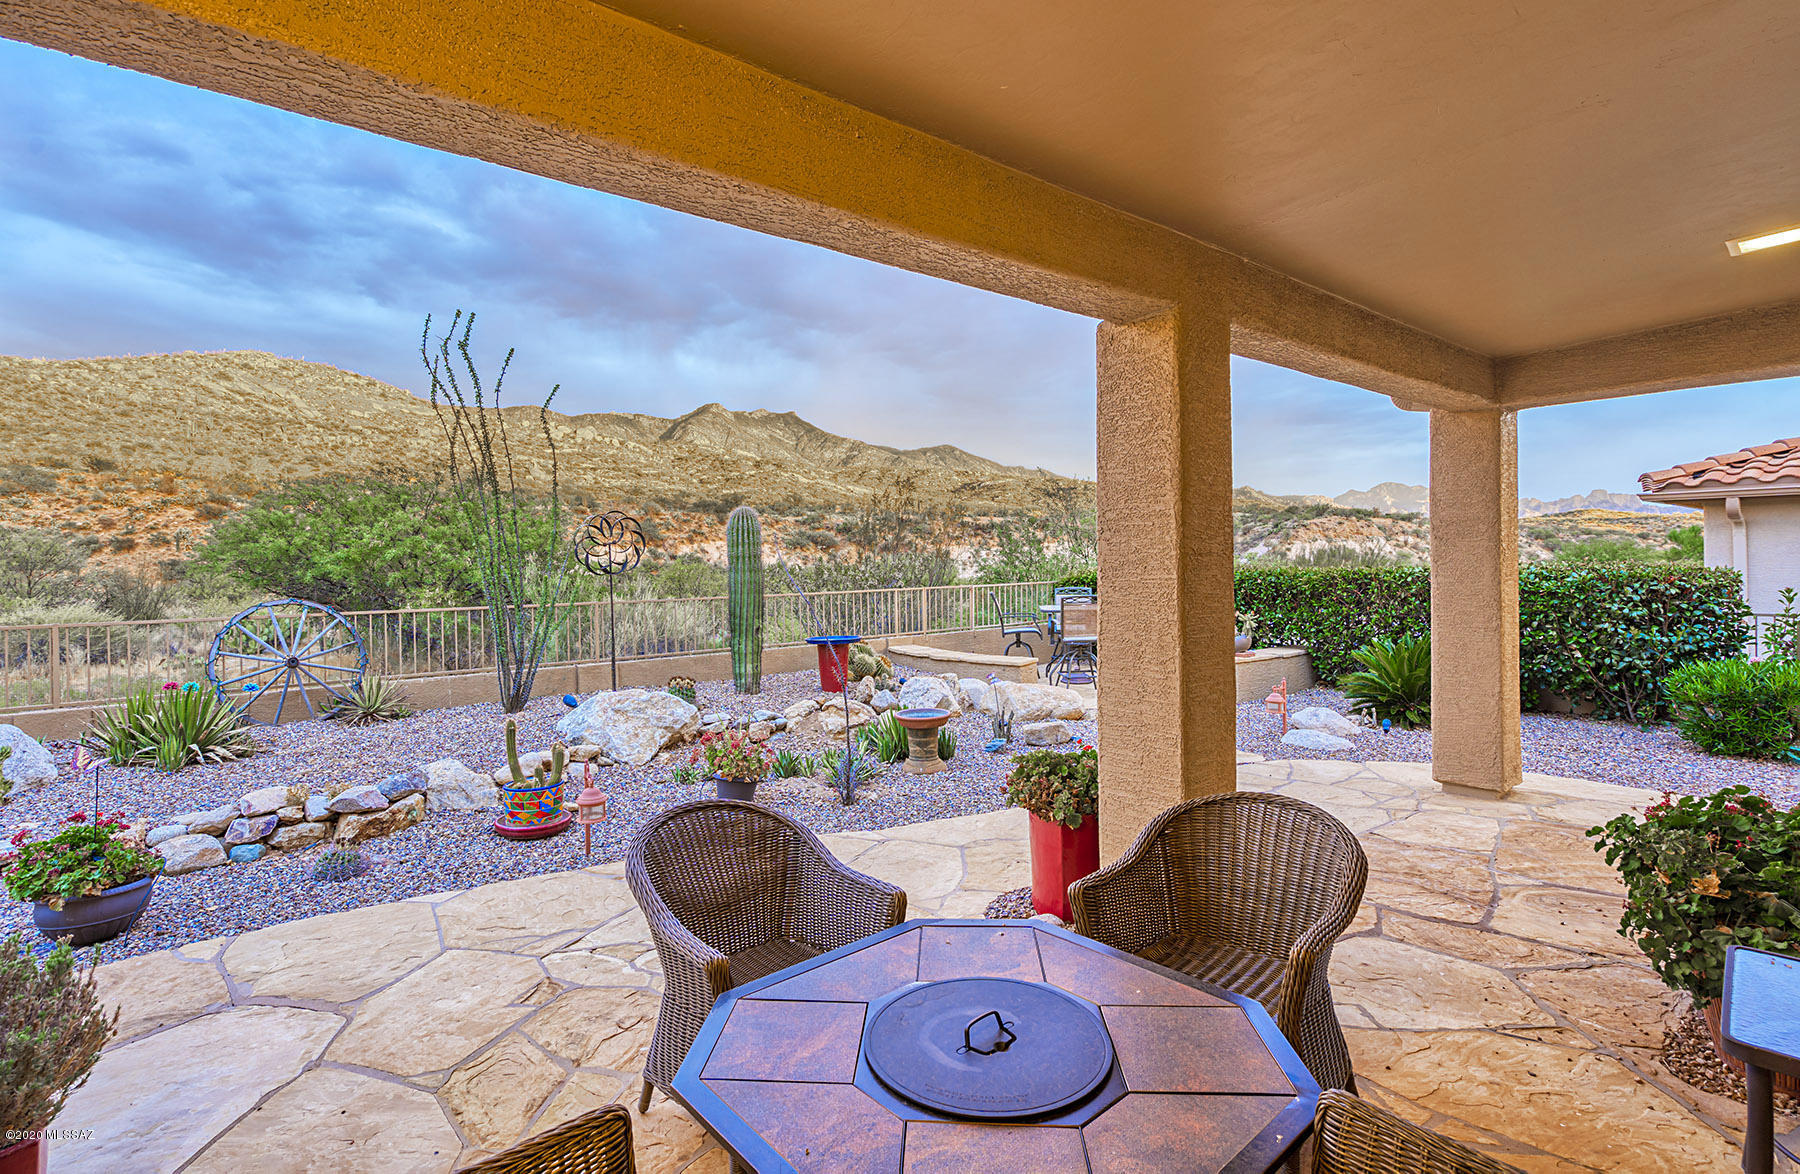 Photo of 38201 S Arroyo Way, Saddlebrooke, AZ 85739